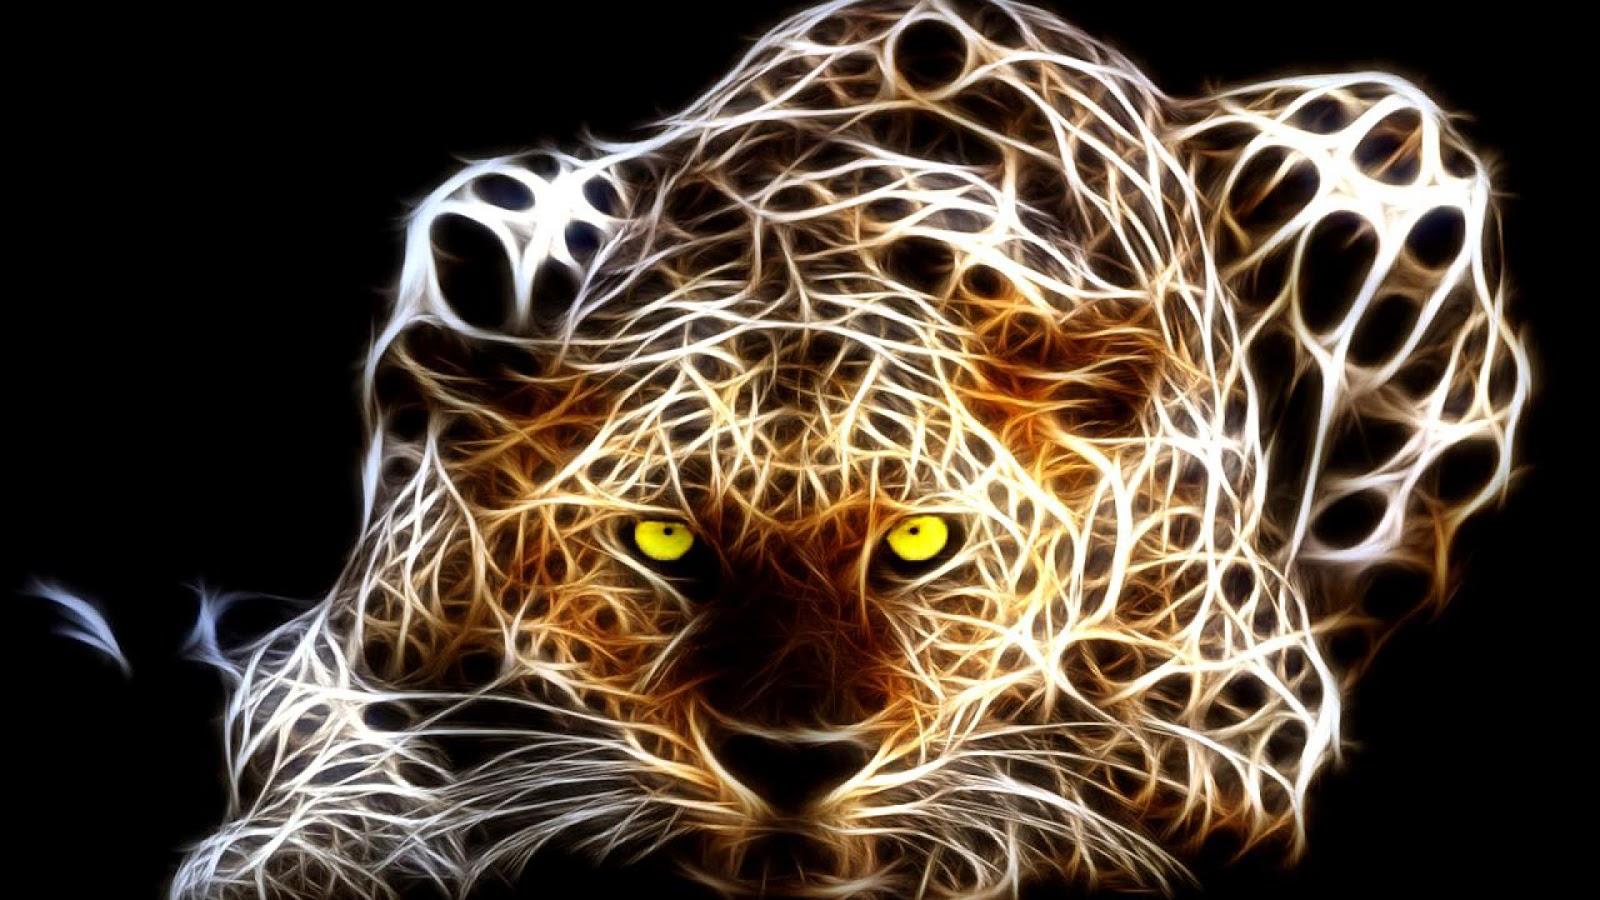 Animales Fondos De Escritorio Hd: Neon Animal Wallpapers